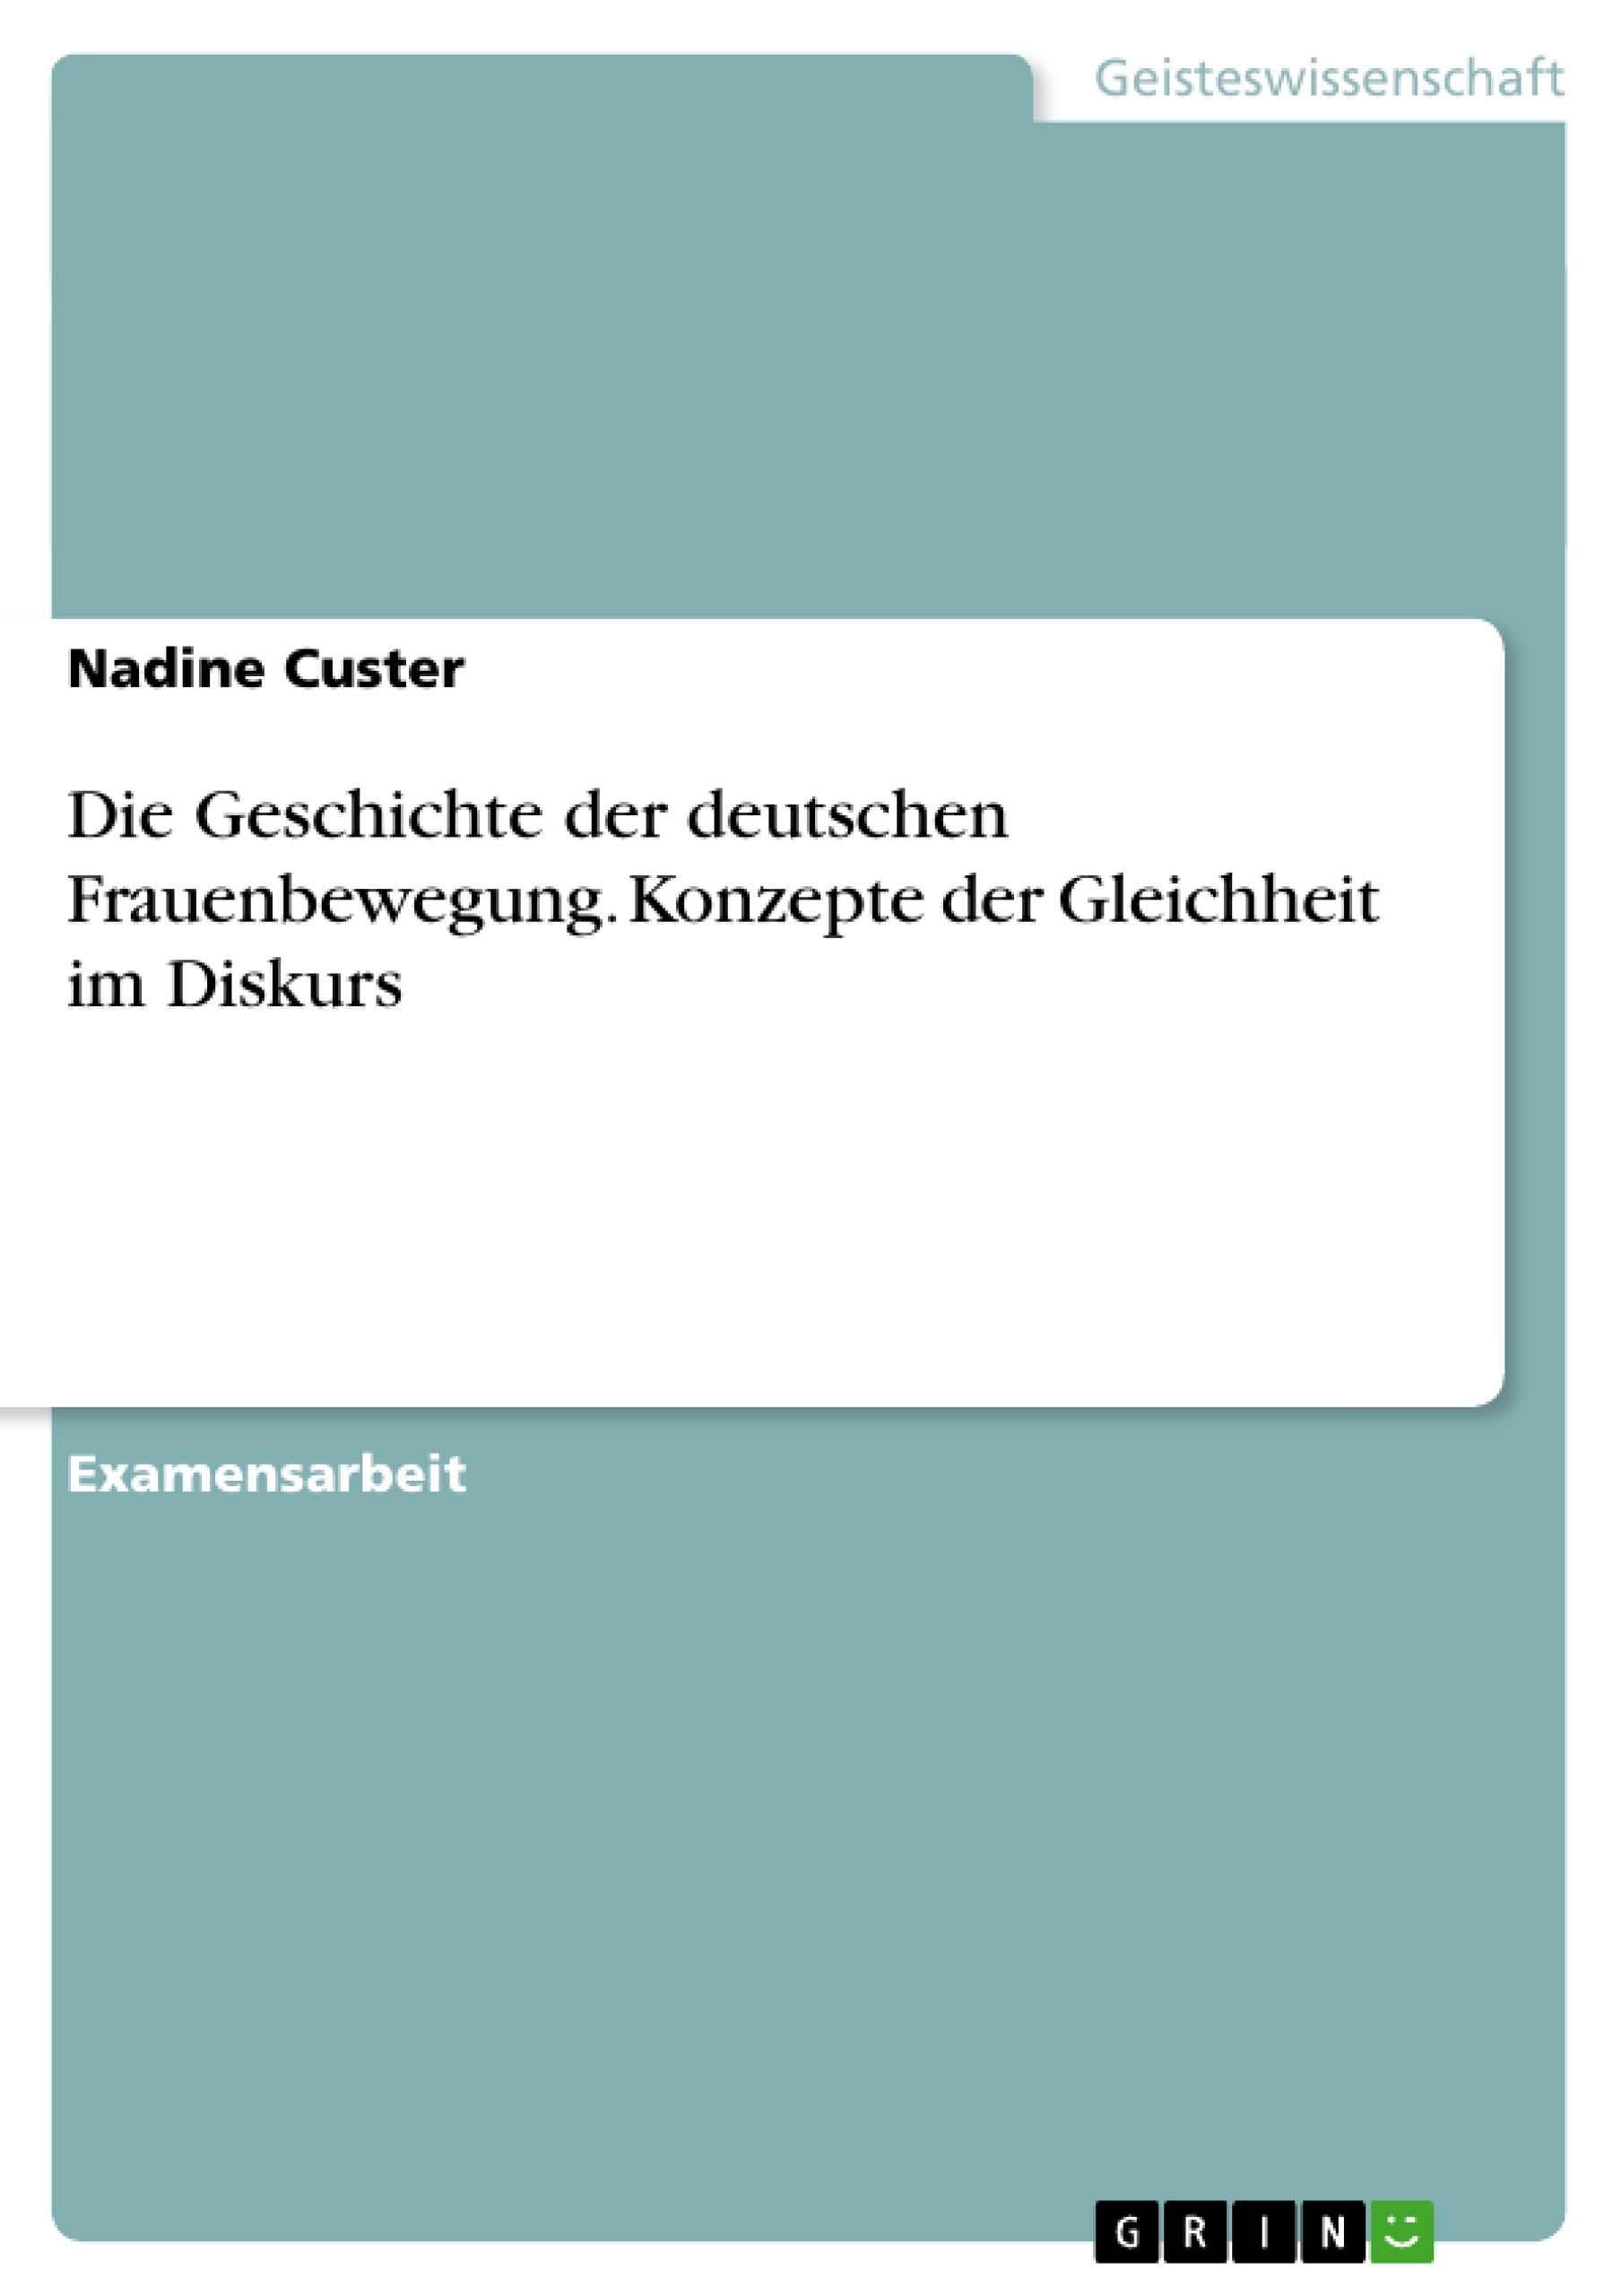 Titel: Die Geschichte der deutschen Frauenbewegung. Konzepte der Gleichheit im Diskurs